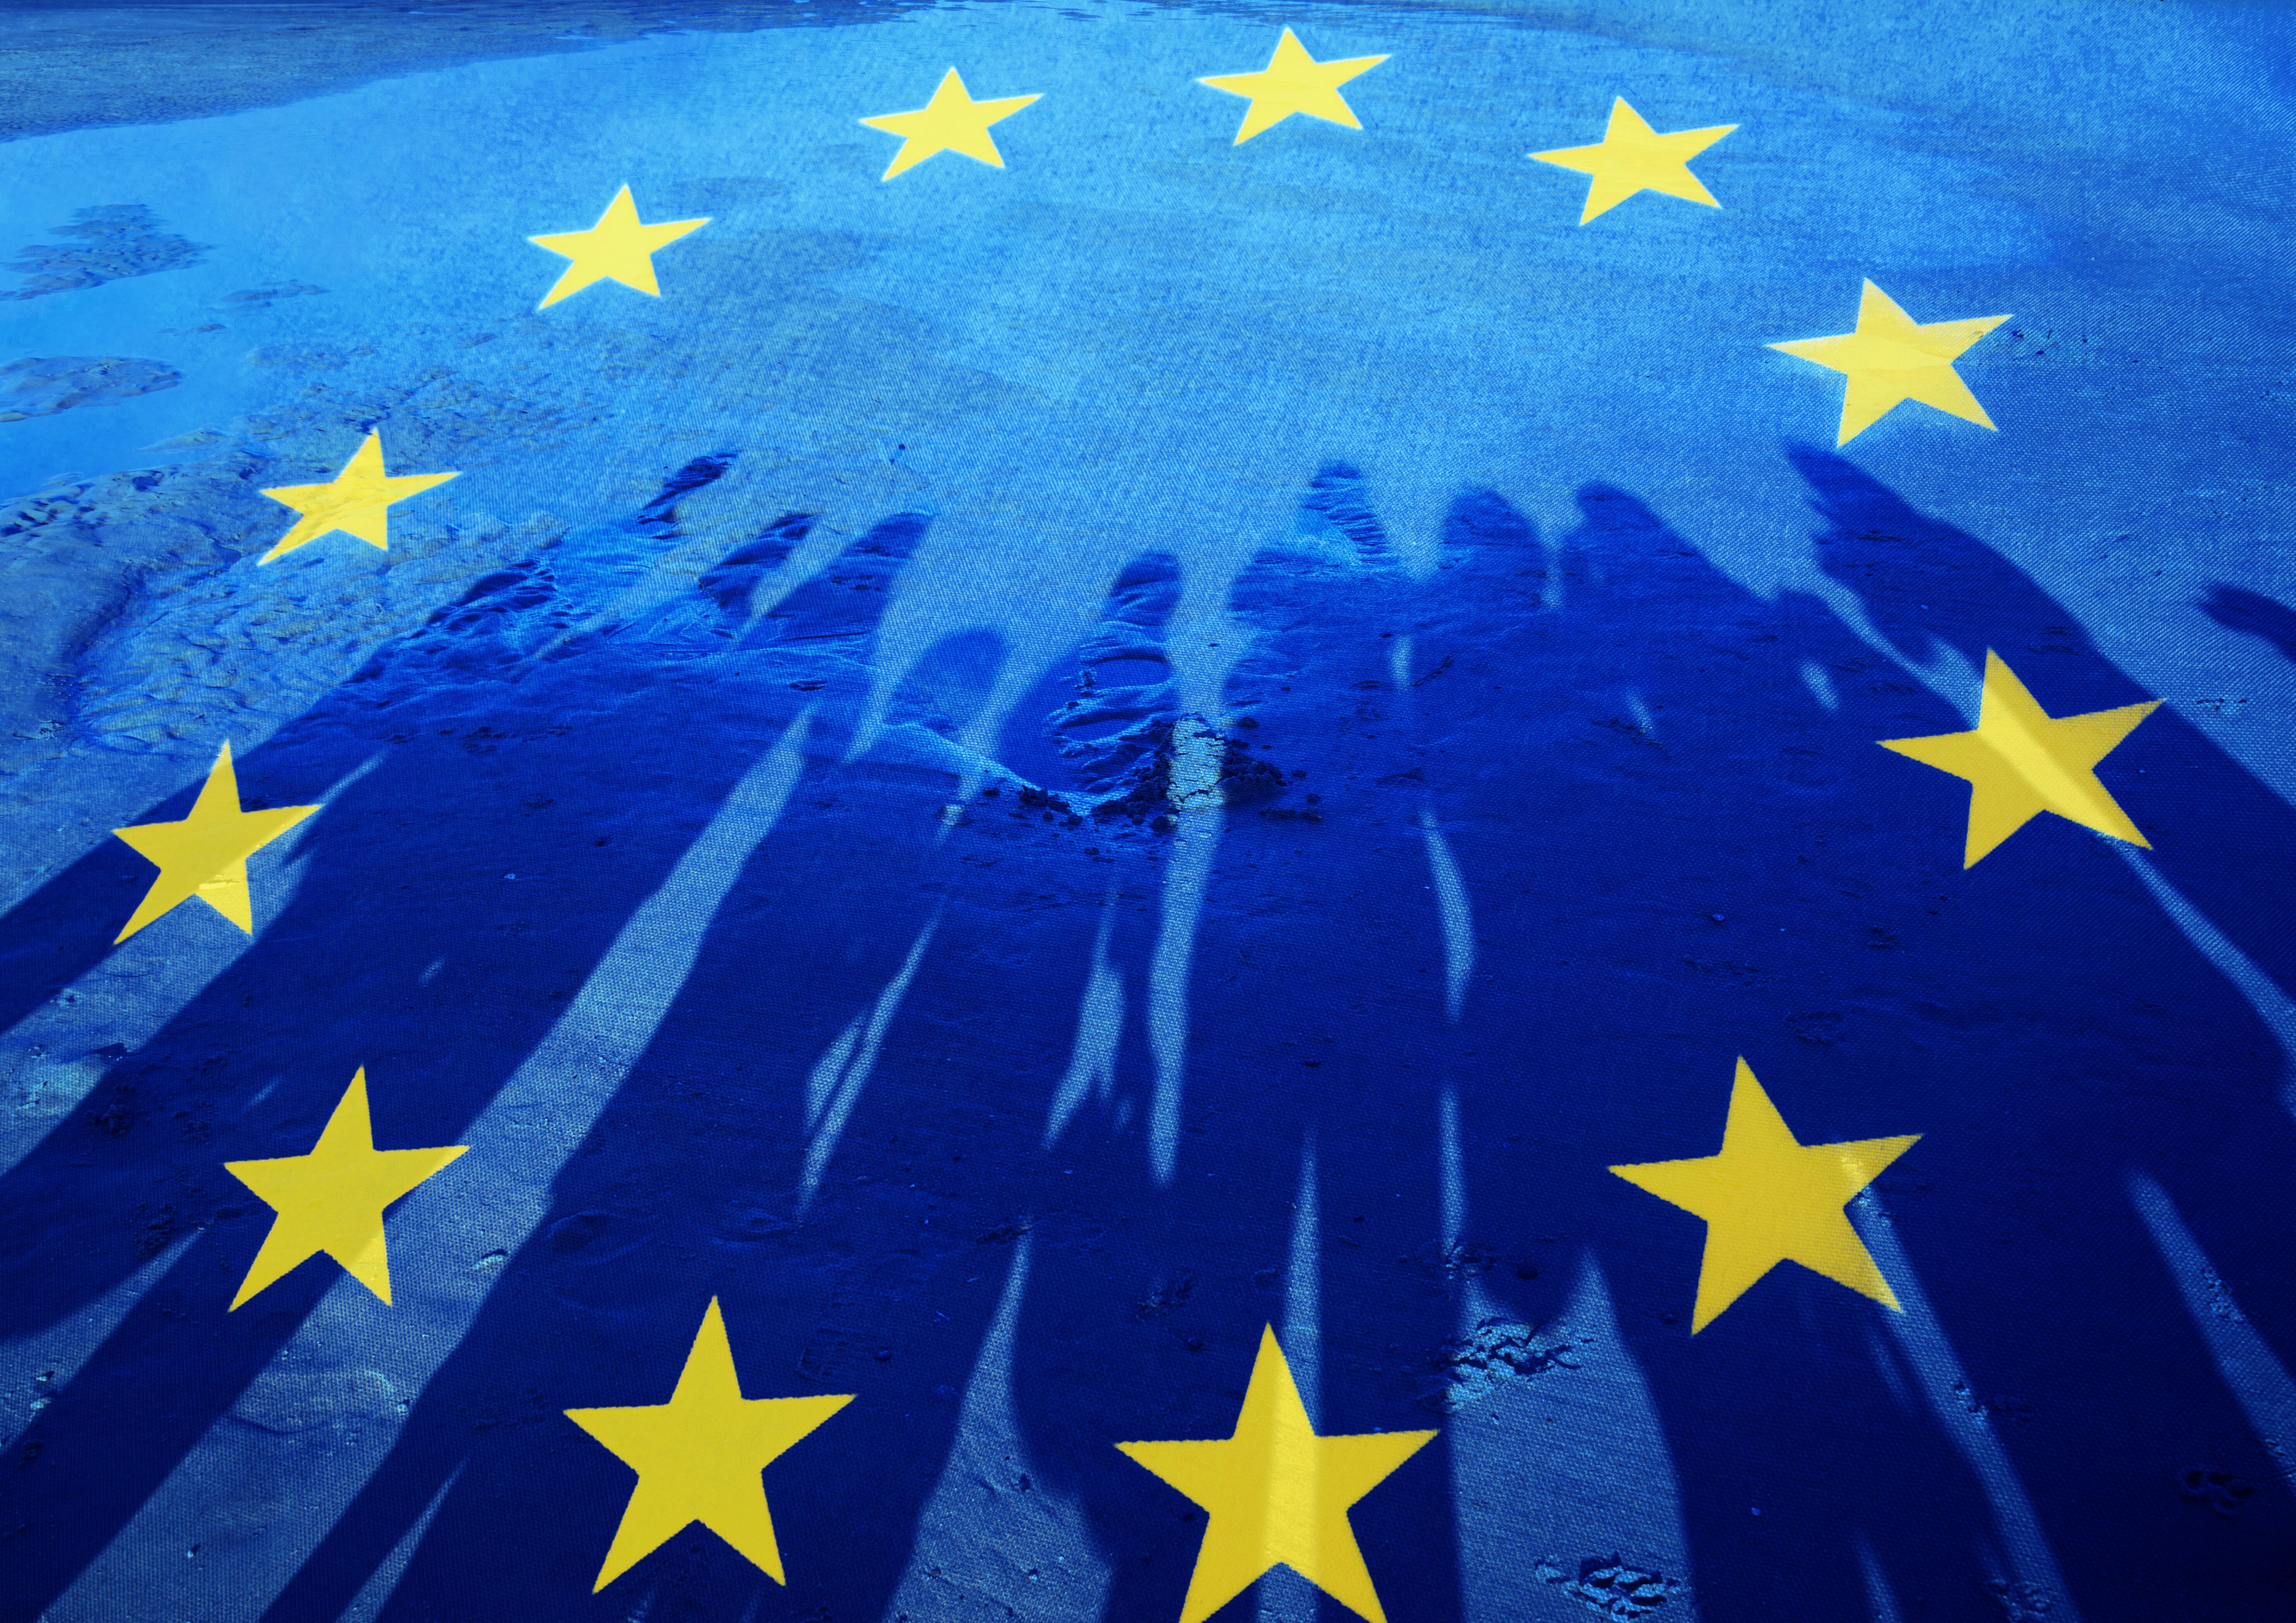 Europa, diritti, laicità ed elezioni: un cammino difficile ma